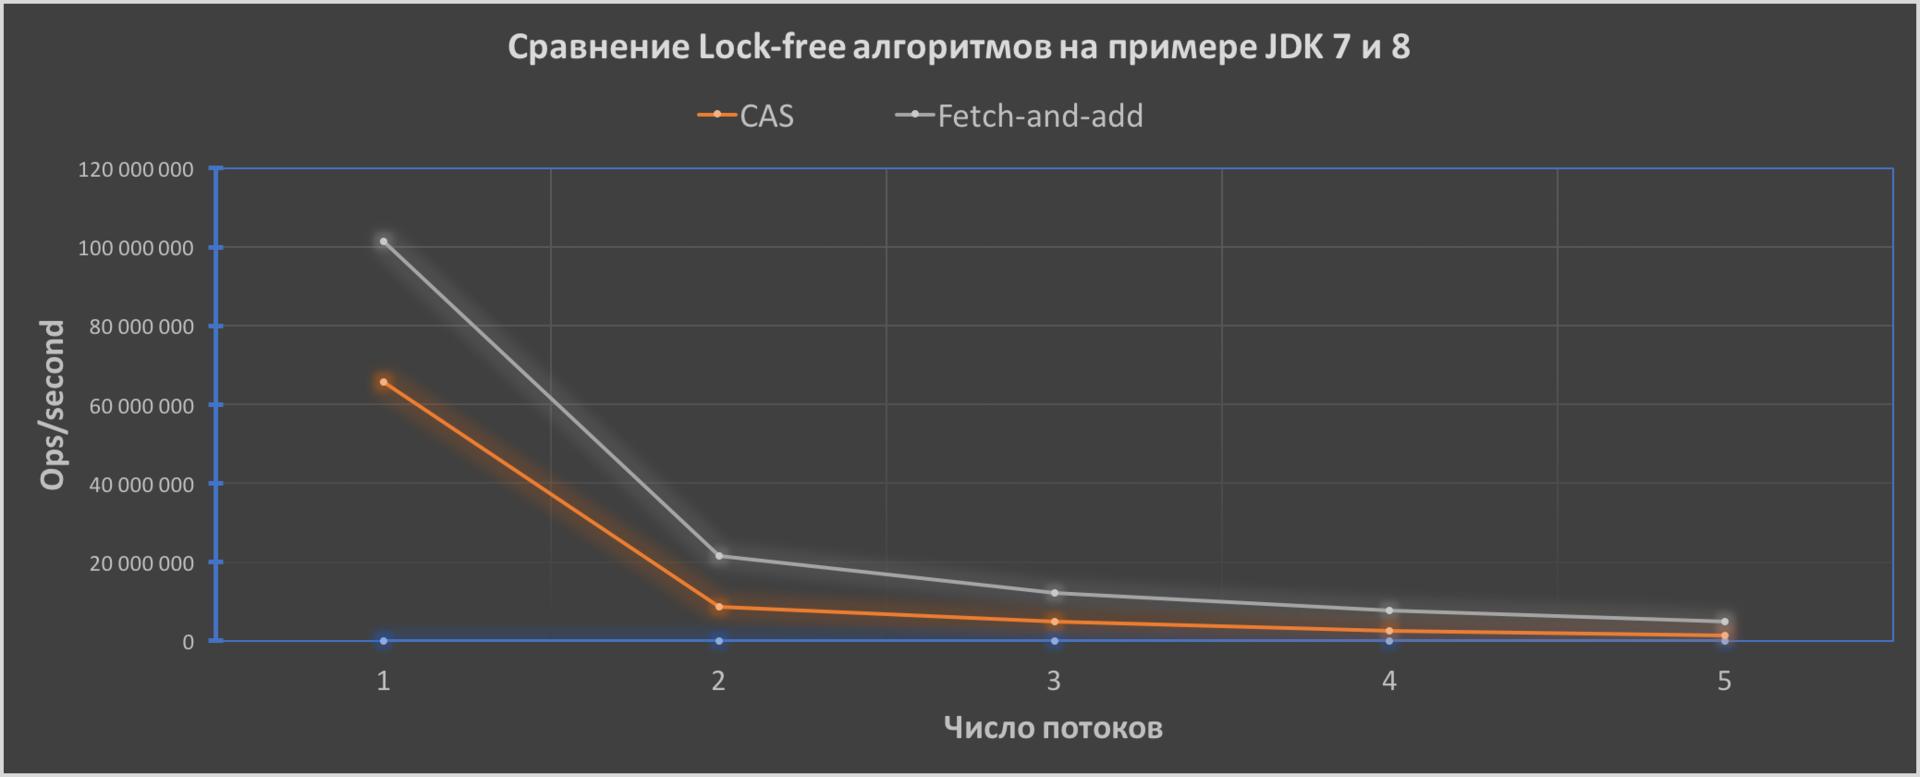 Сравнение Lock-free алгоритмов — CAS и FAA на примере JDK 7 и 8 - 1